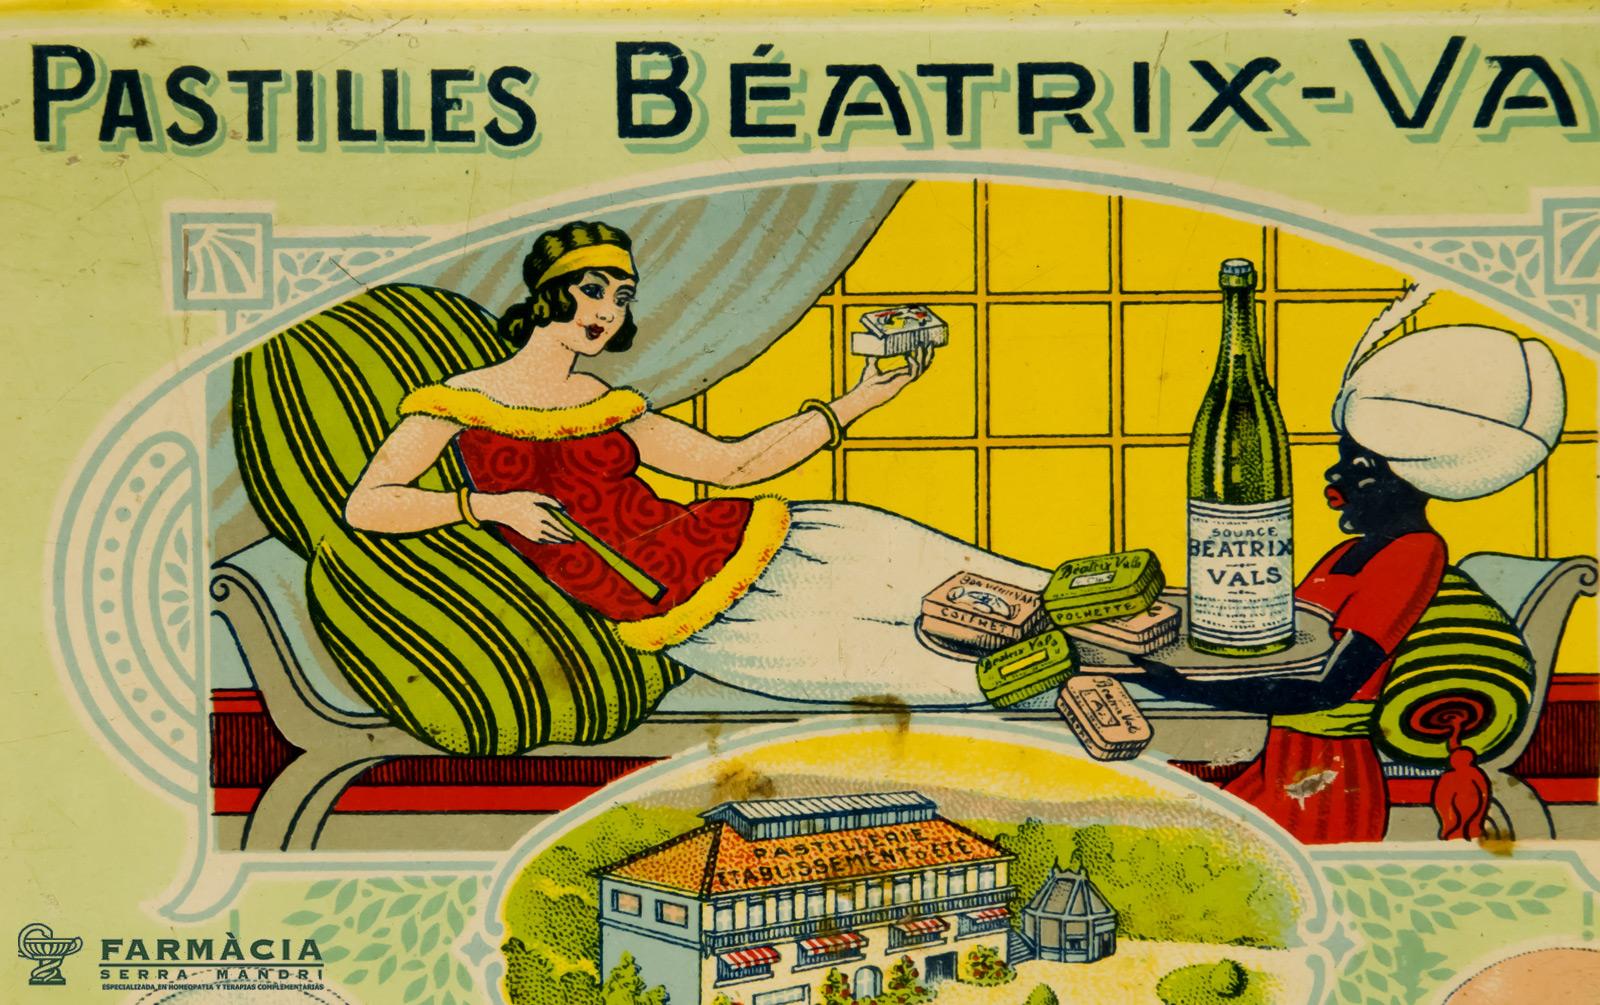 Detalle de una caja de Pastilles Beatrix Vals